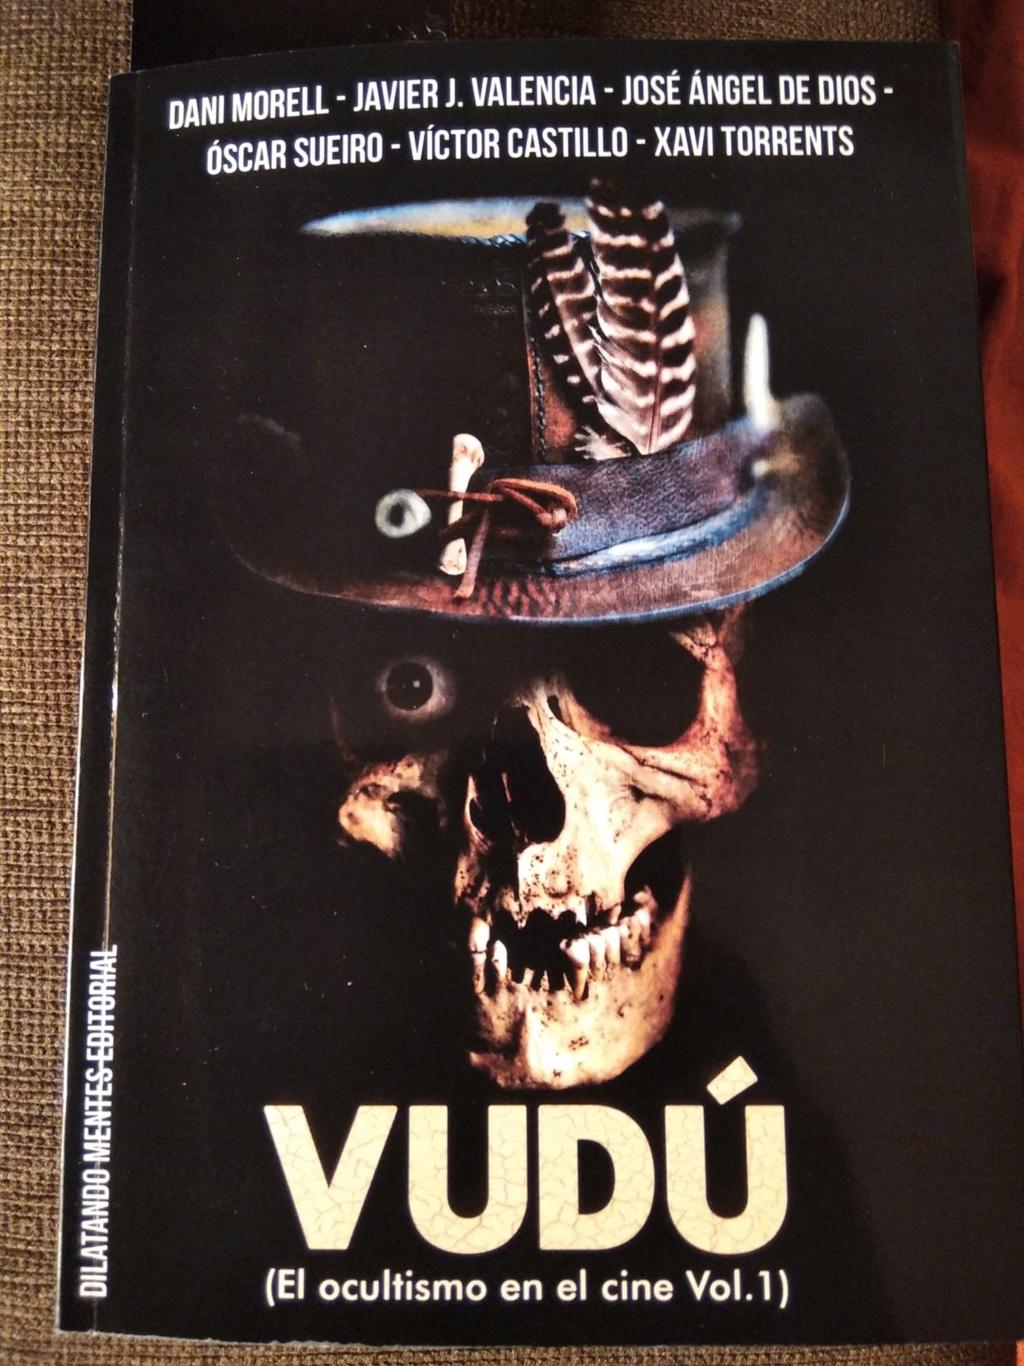 Libros sobre cine - Página 2 Vudz10